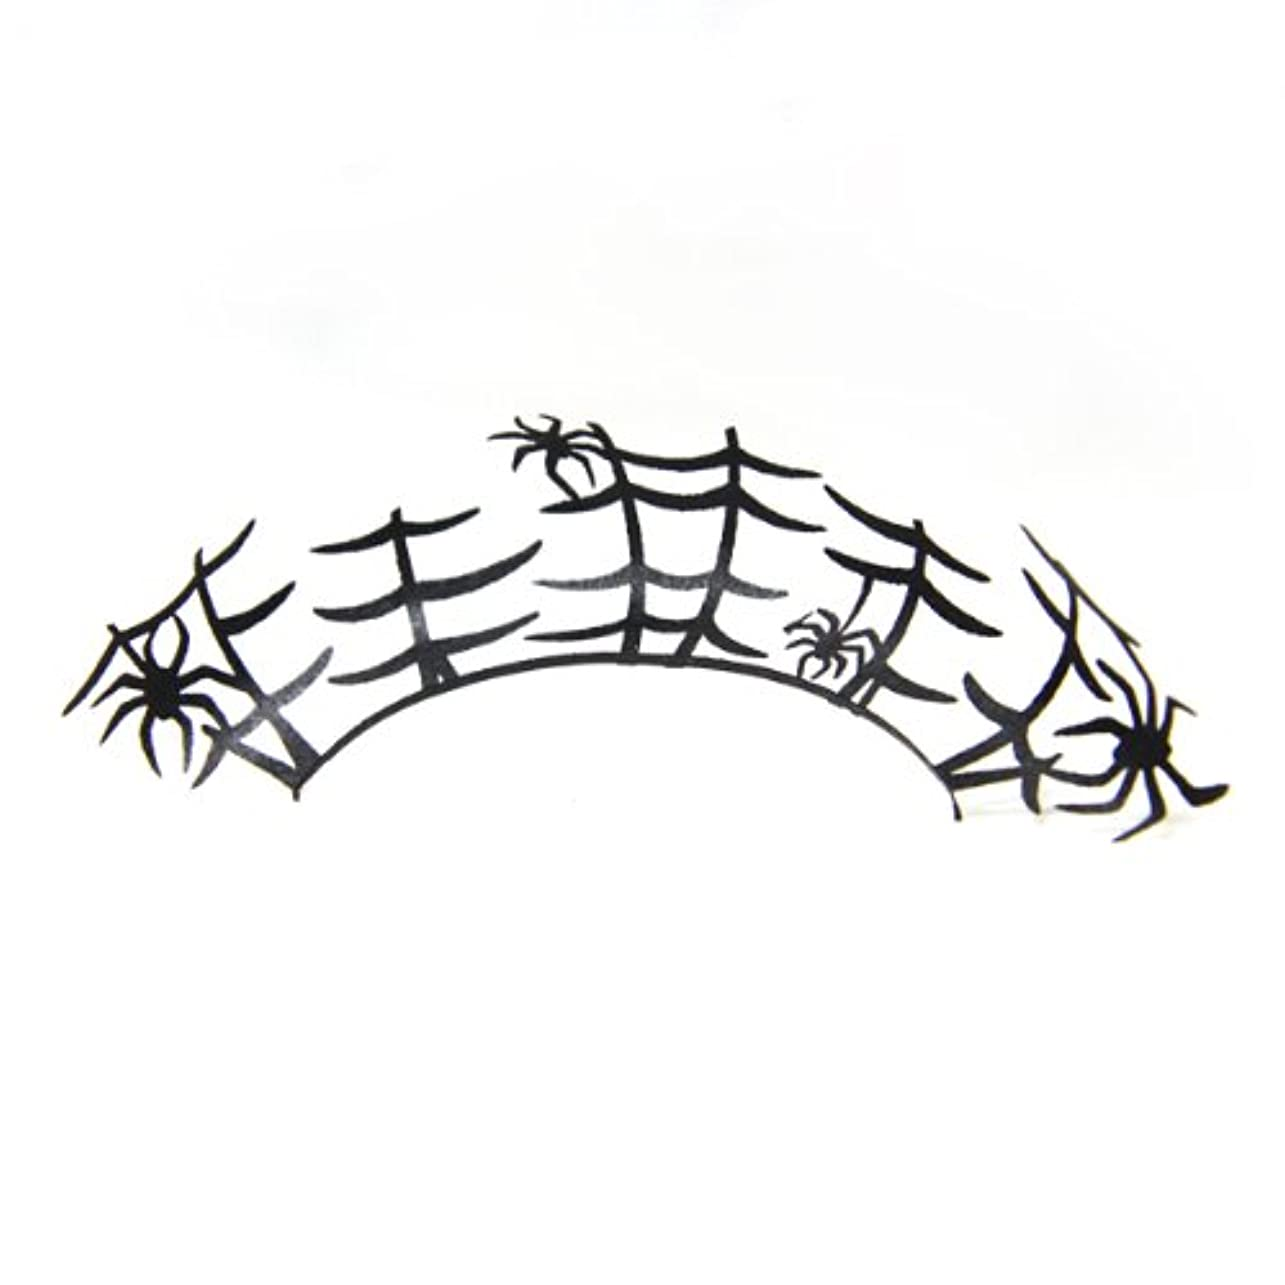 穿孔するアリーナ検索エンジンマーケティングペーパーセルフ スパイダー(PAPERSELF-Spider)アイラッシュ つけまつげ 紙製【正規日本代理店】